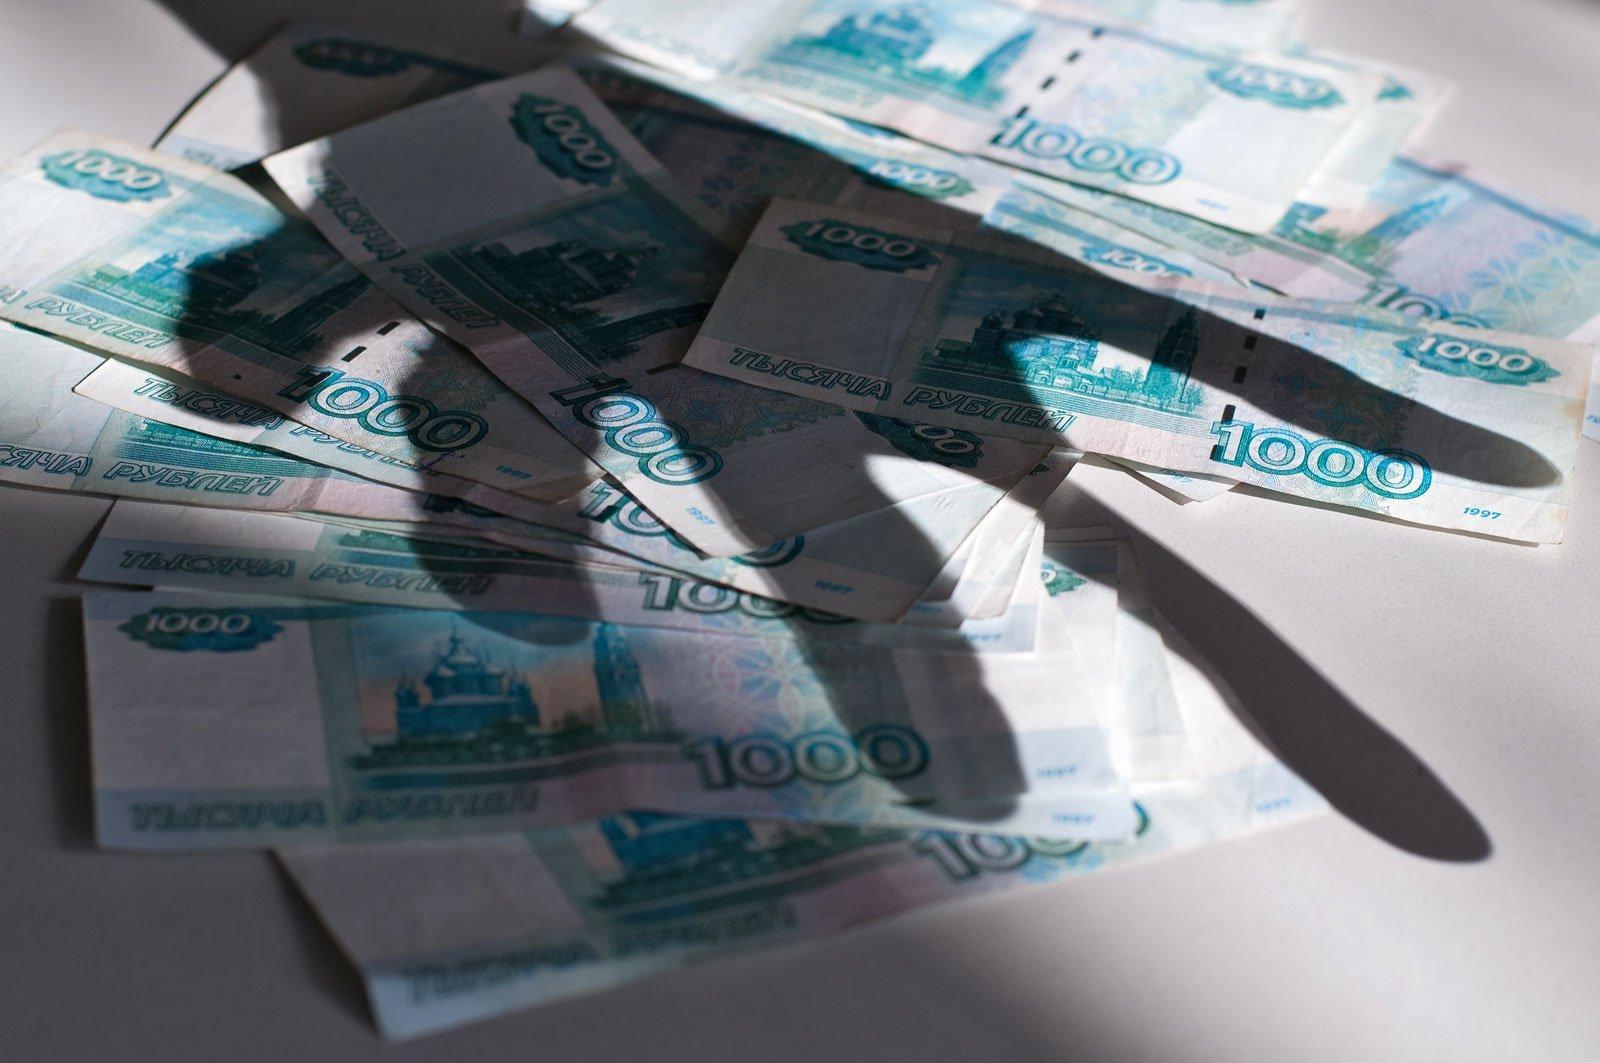 что будет за кражу в размере 3000 рублей малюткой выглядел